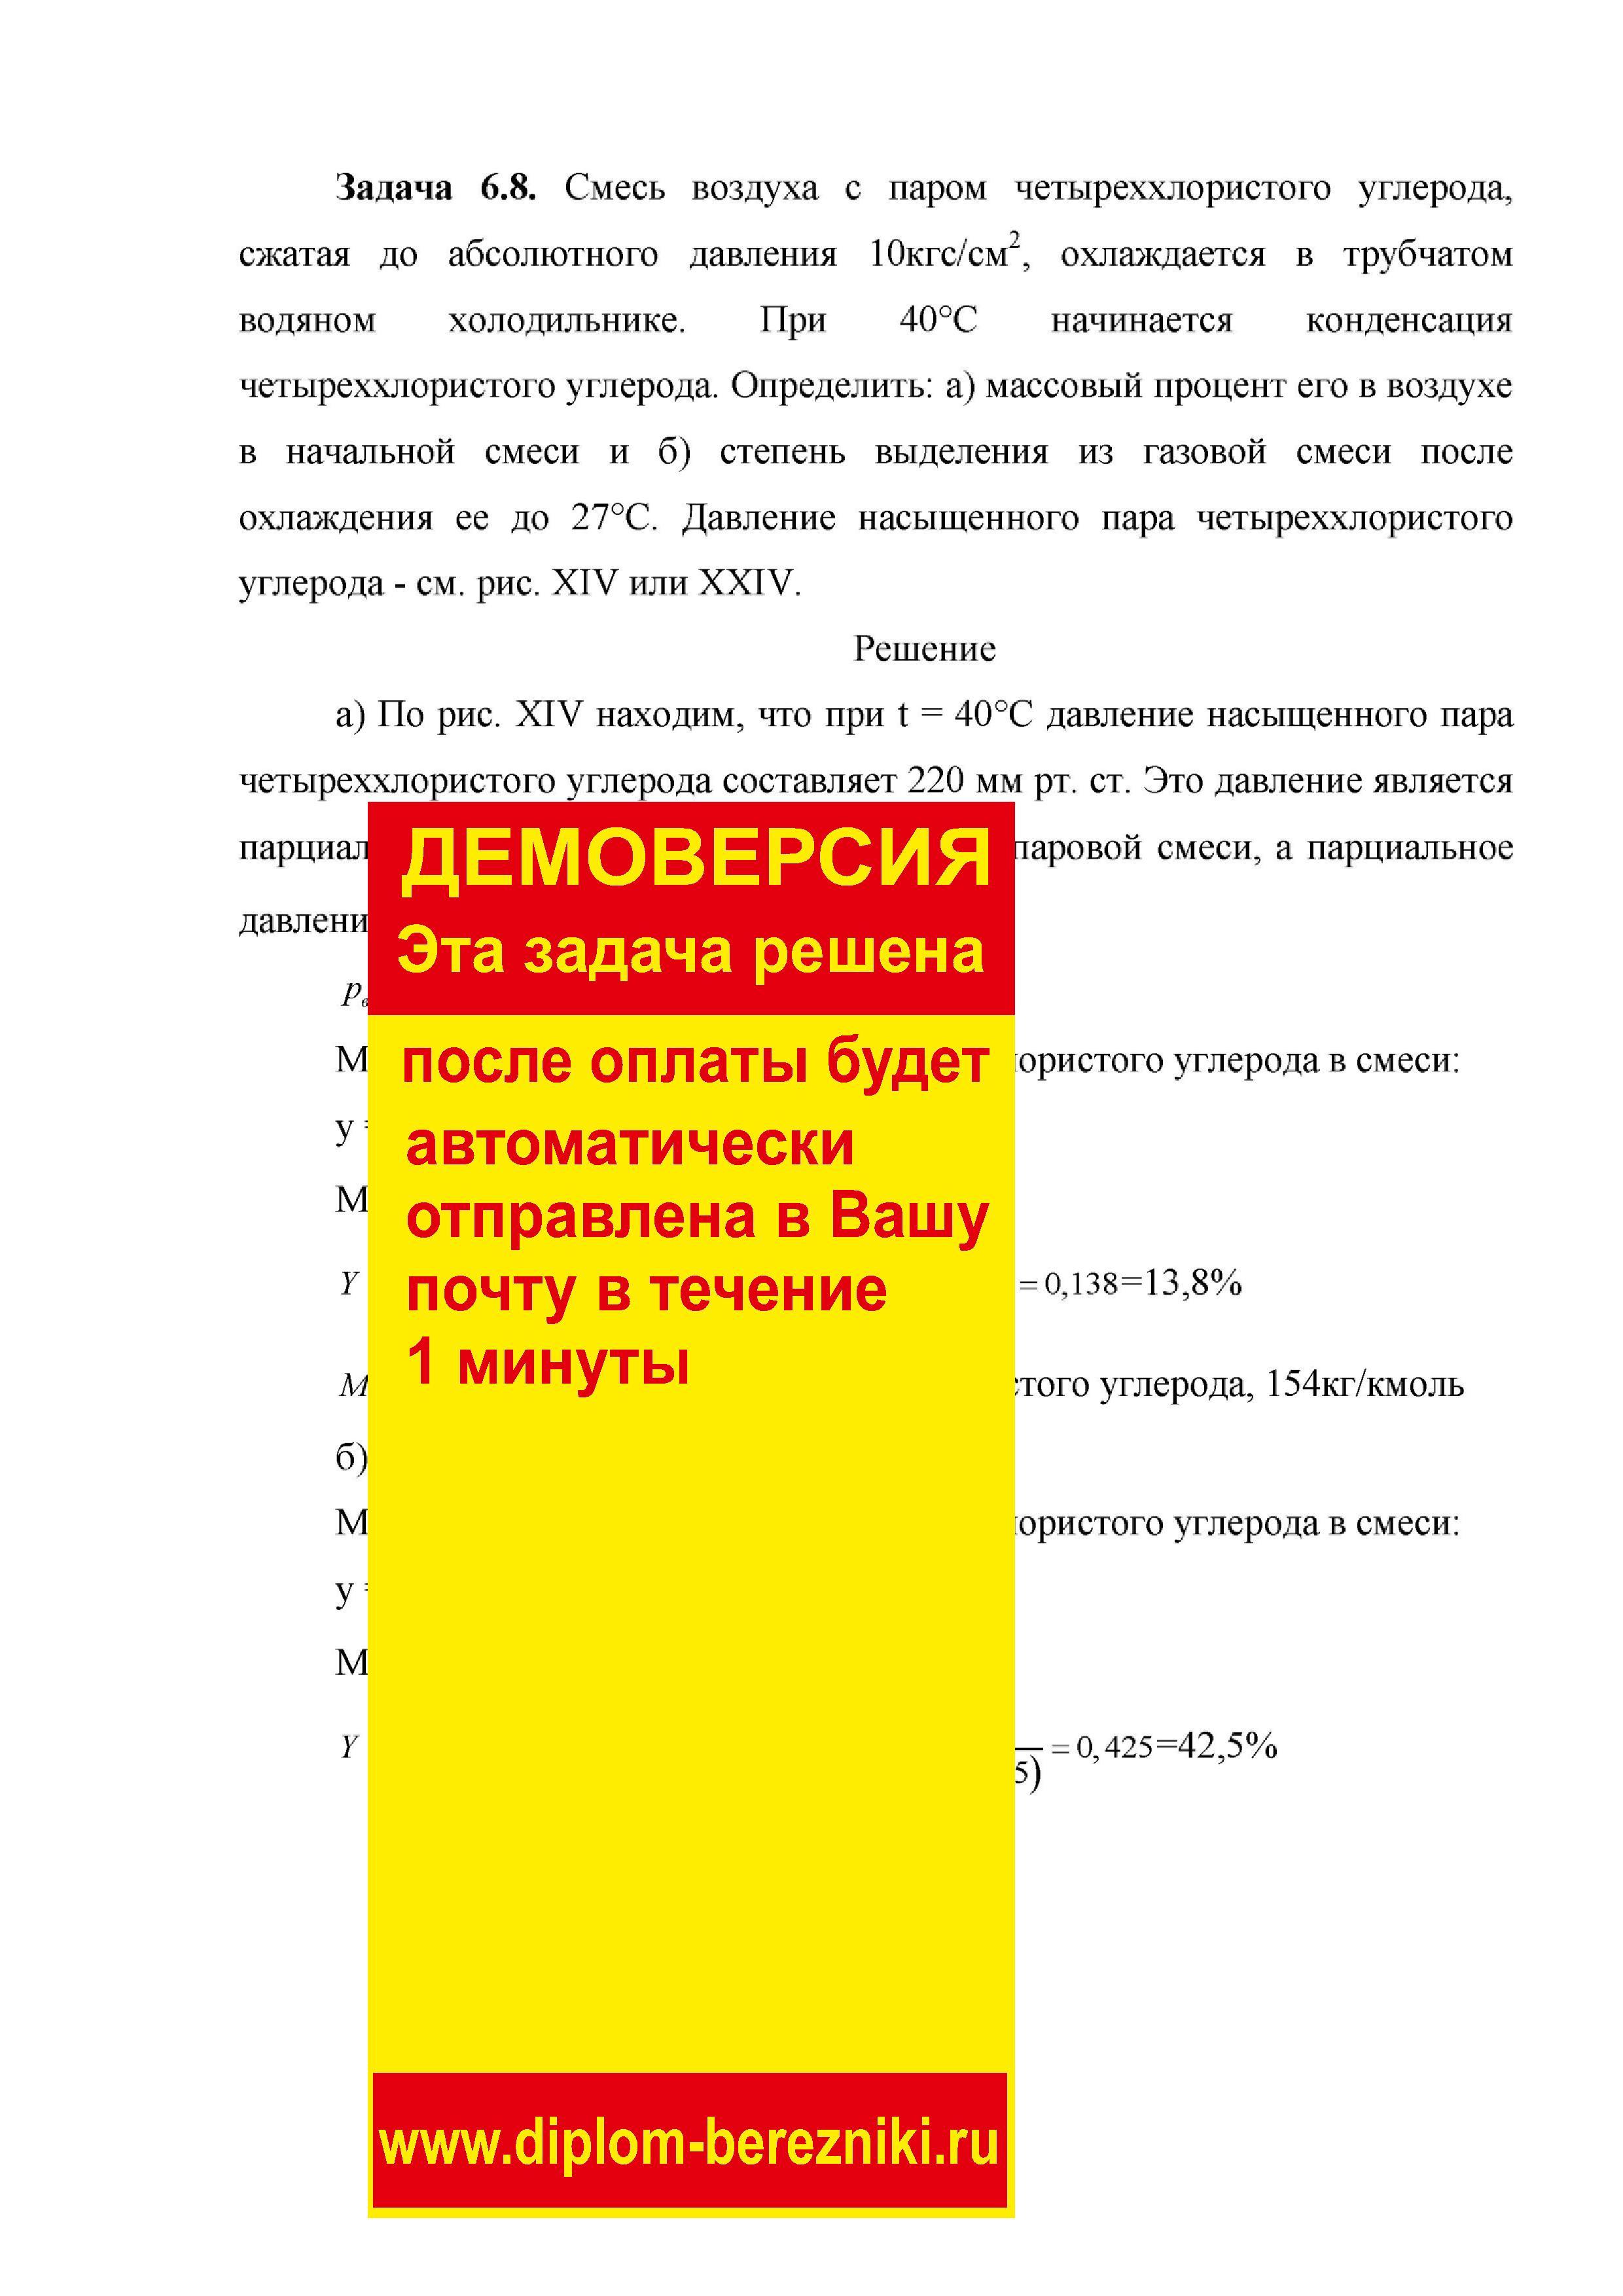 Решение задачи 6.8 по ПАХТ из задачника Павлова Романкова Носкова